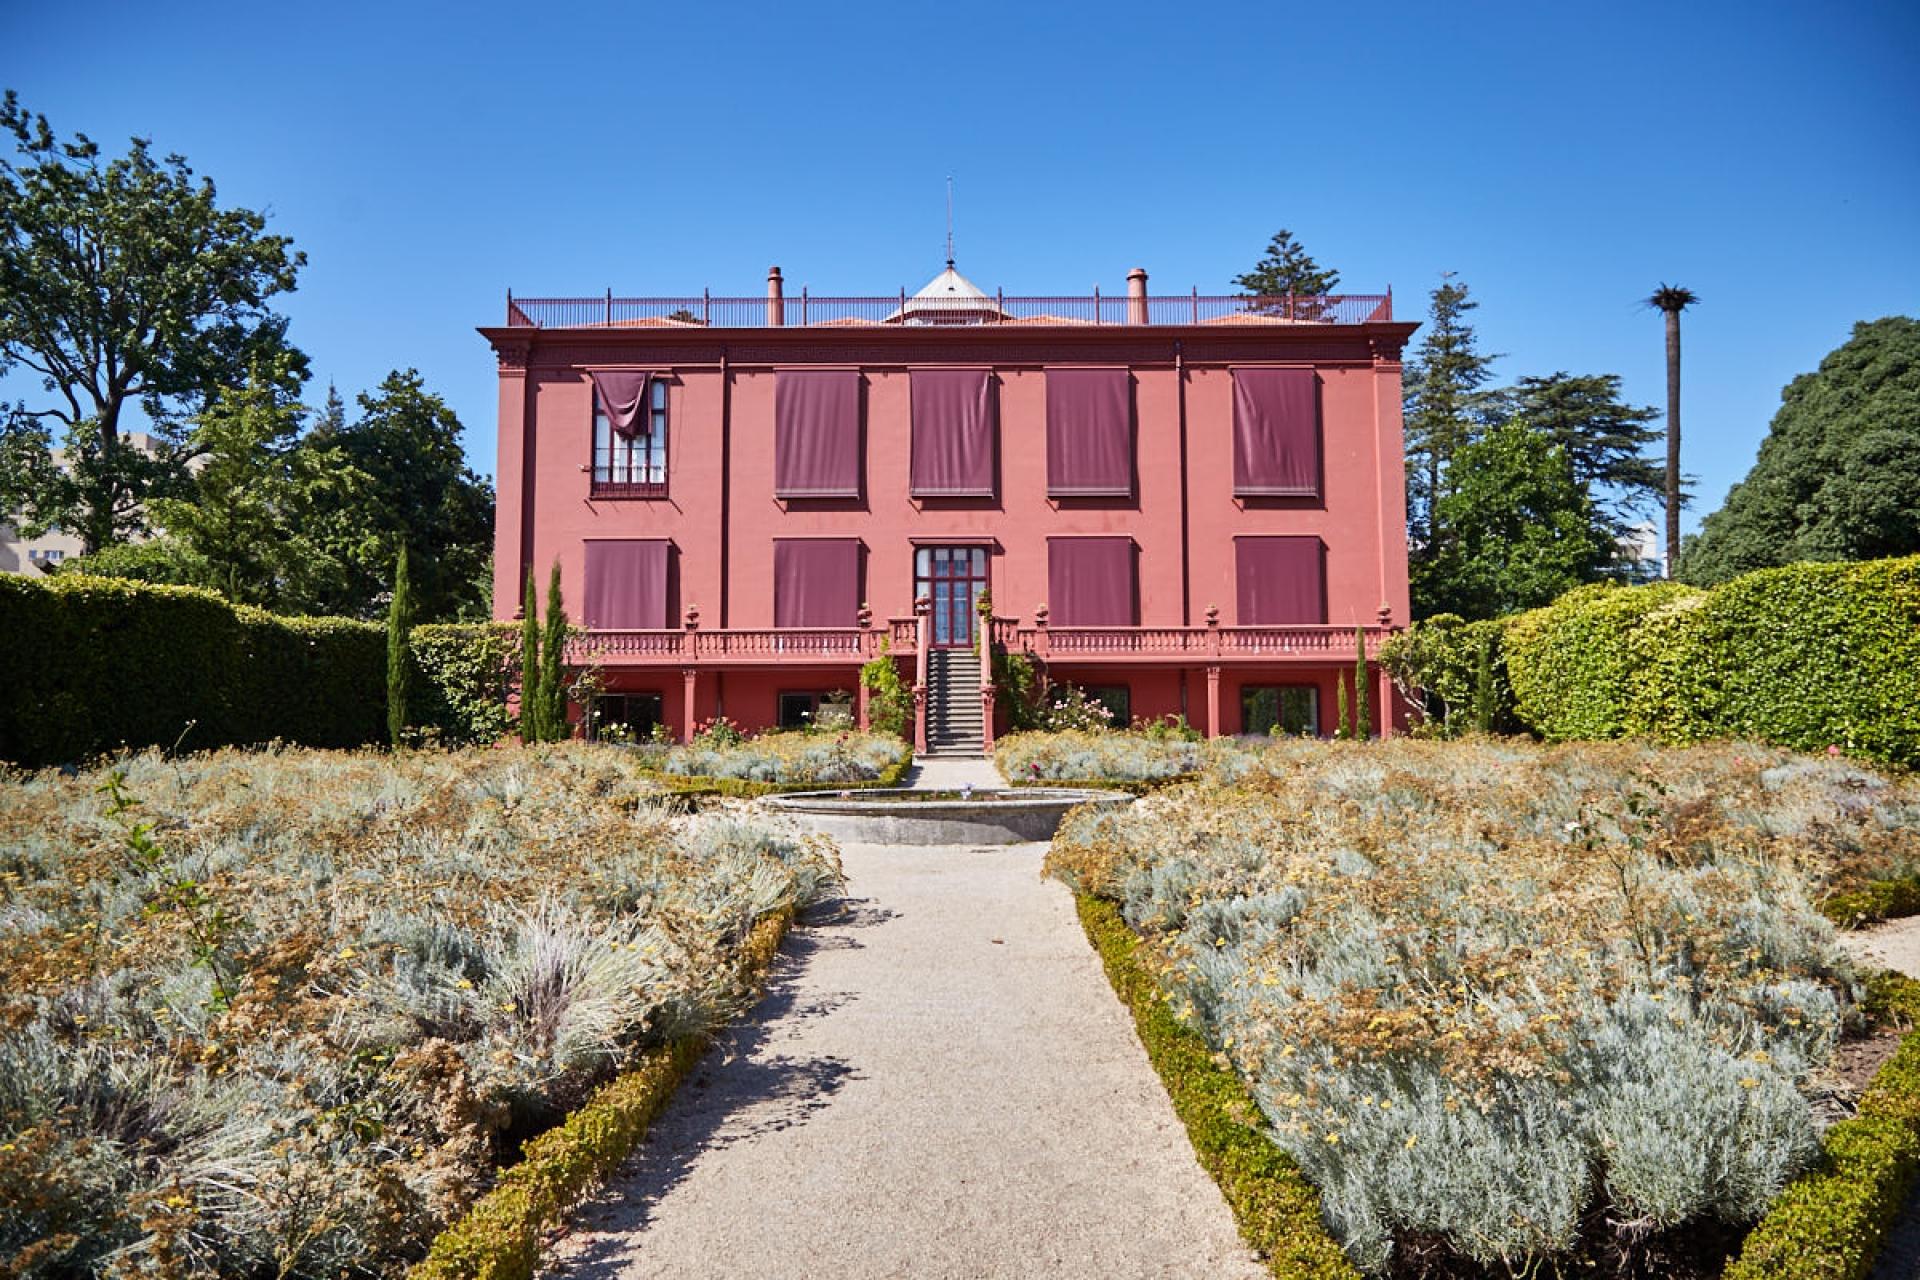 PortoCool_Visitar_Jardim Botânico do Porto